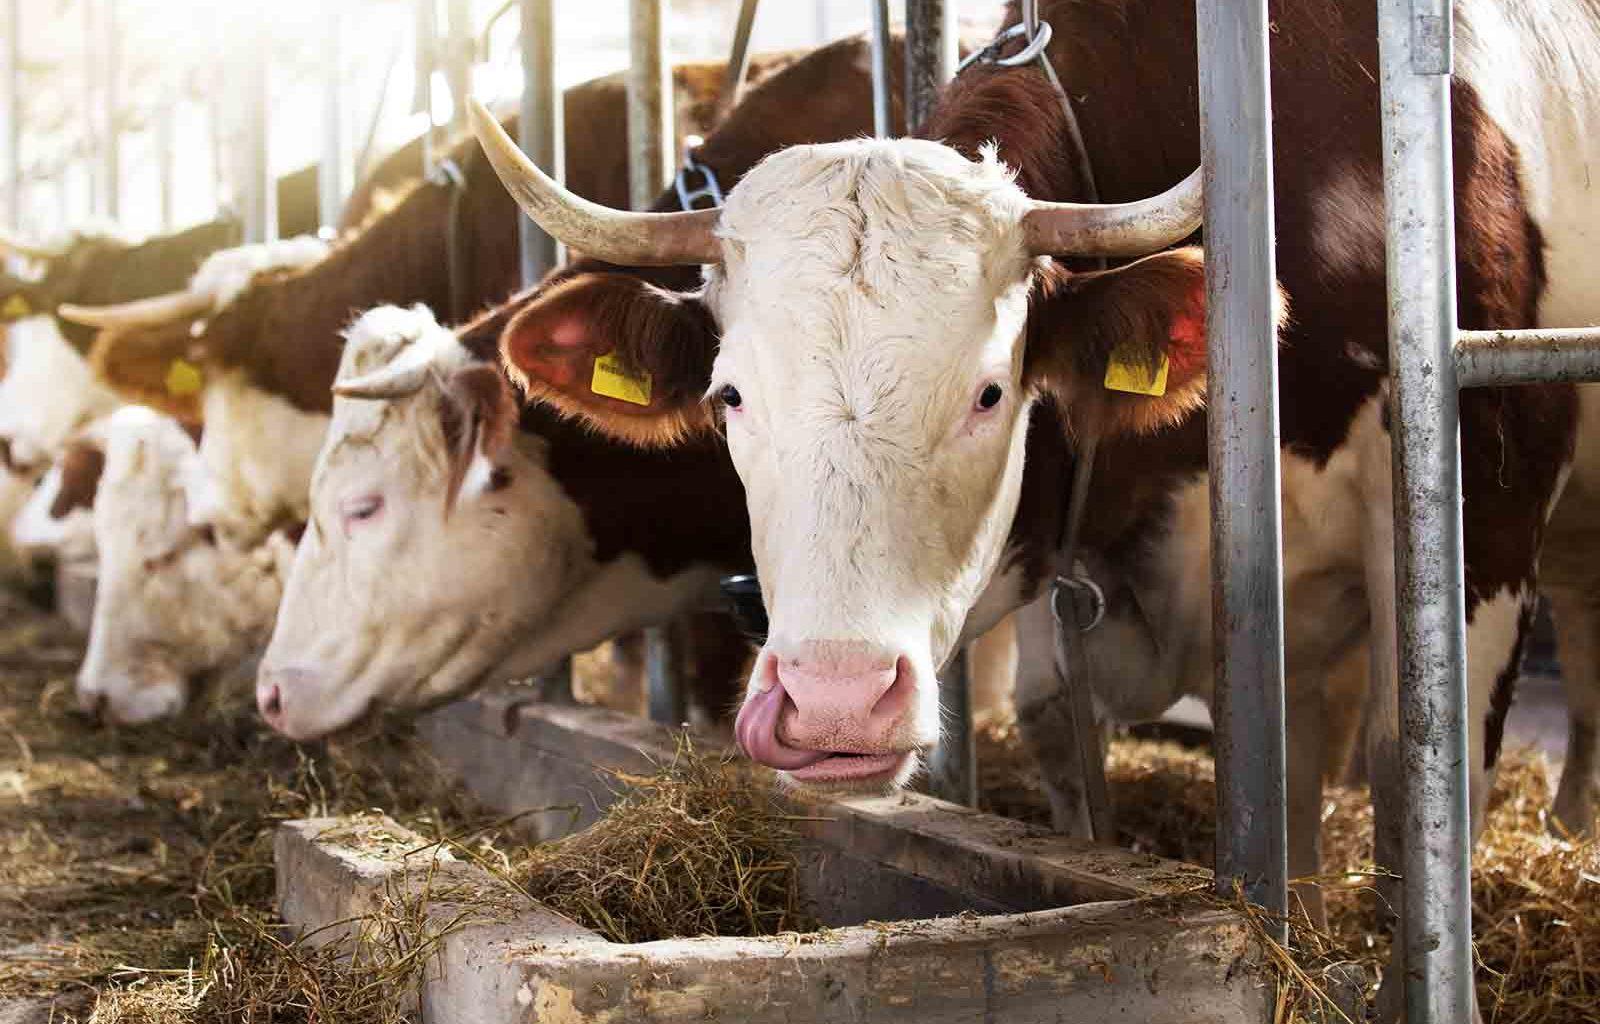 Značaj vitamina A, D i E u ishrani goveda